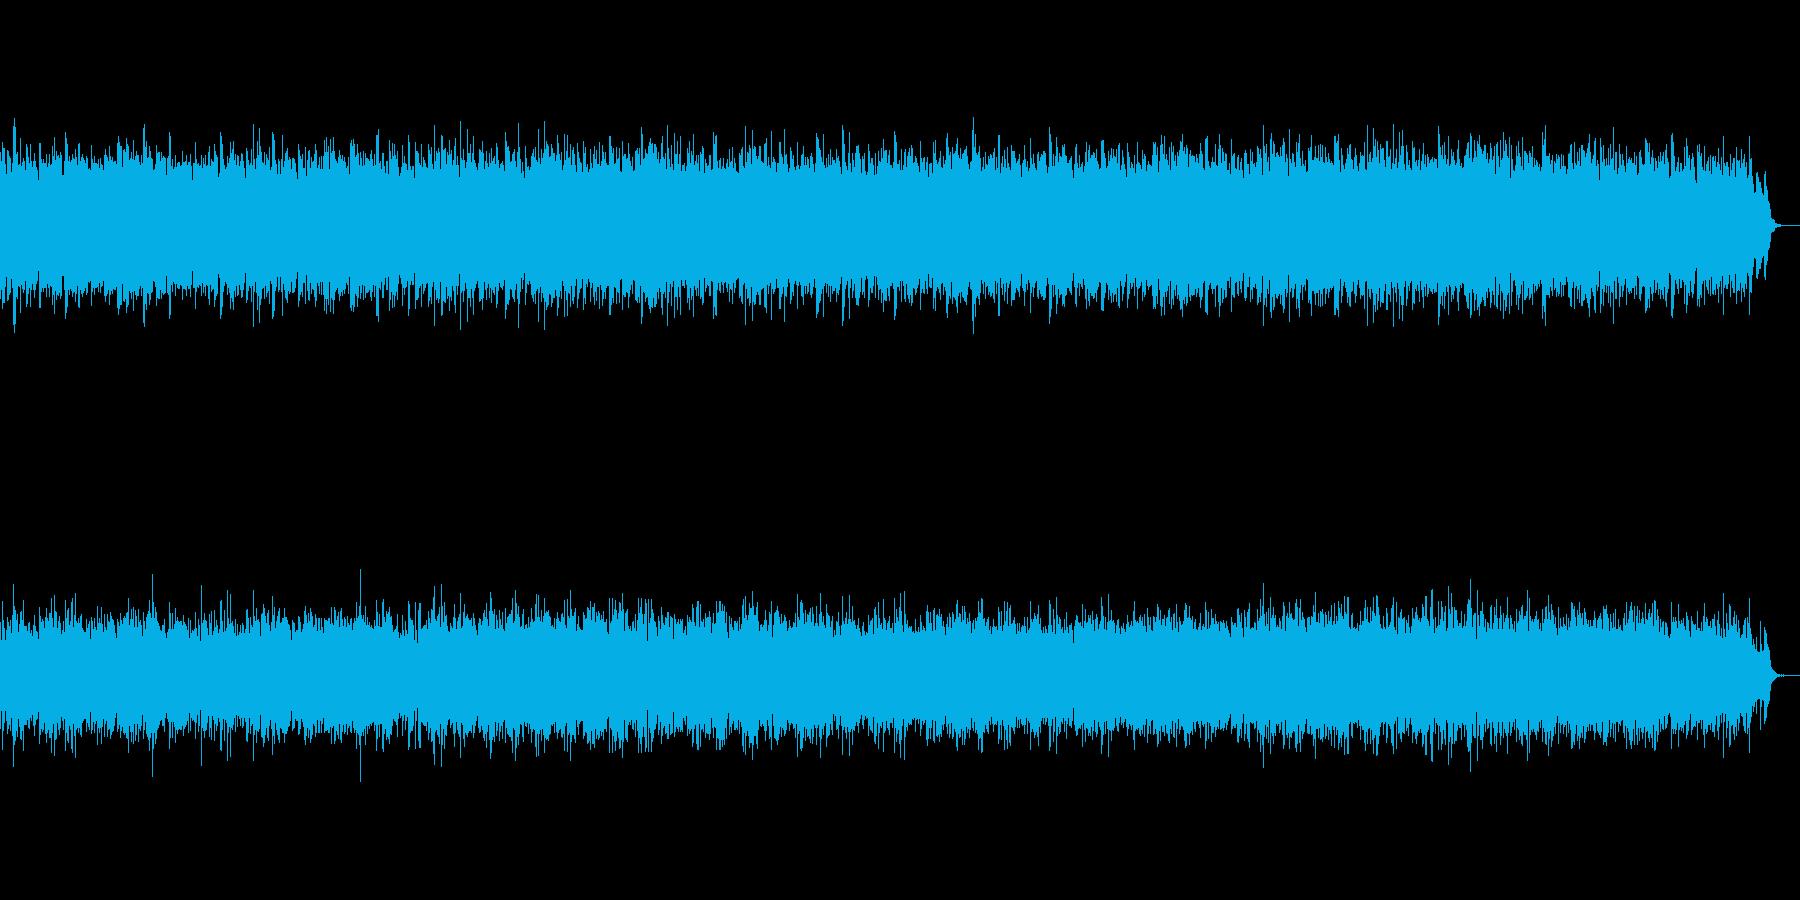 水をイメージした清々しいヒーリング音楽の再生済みの波形